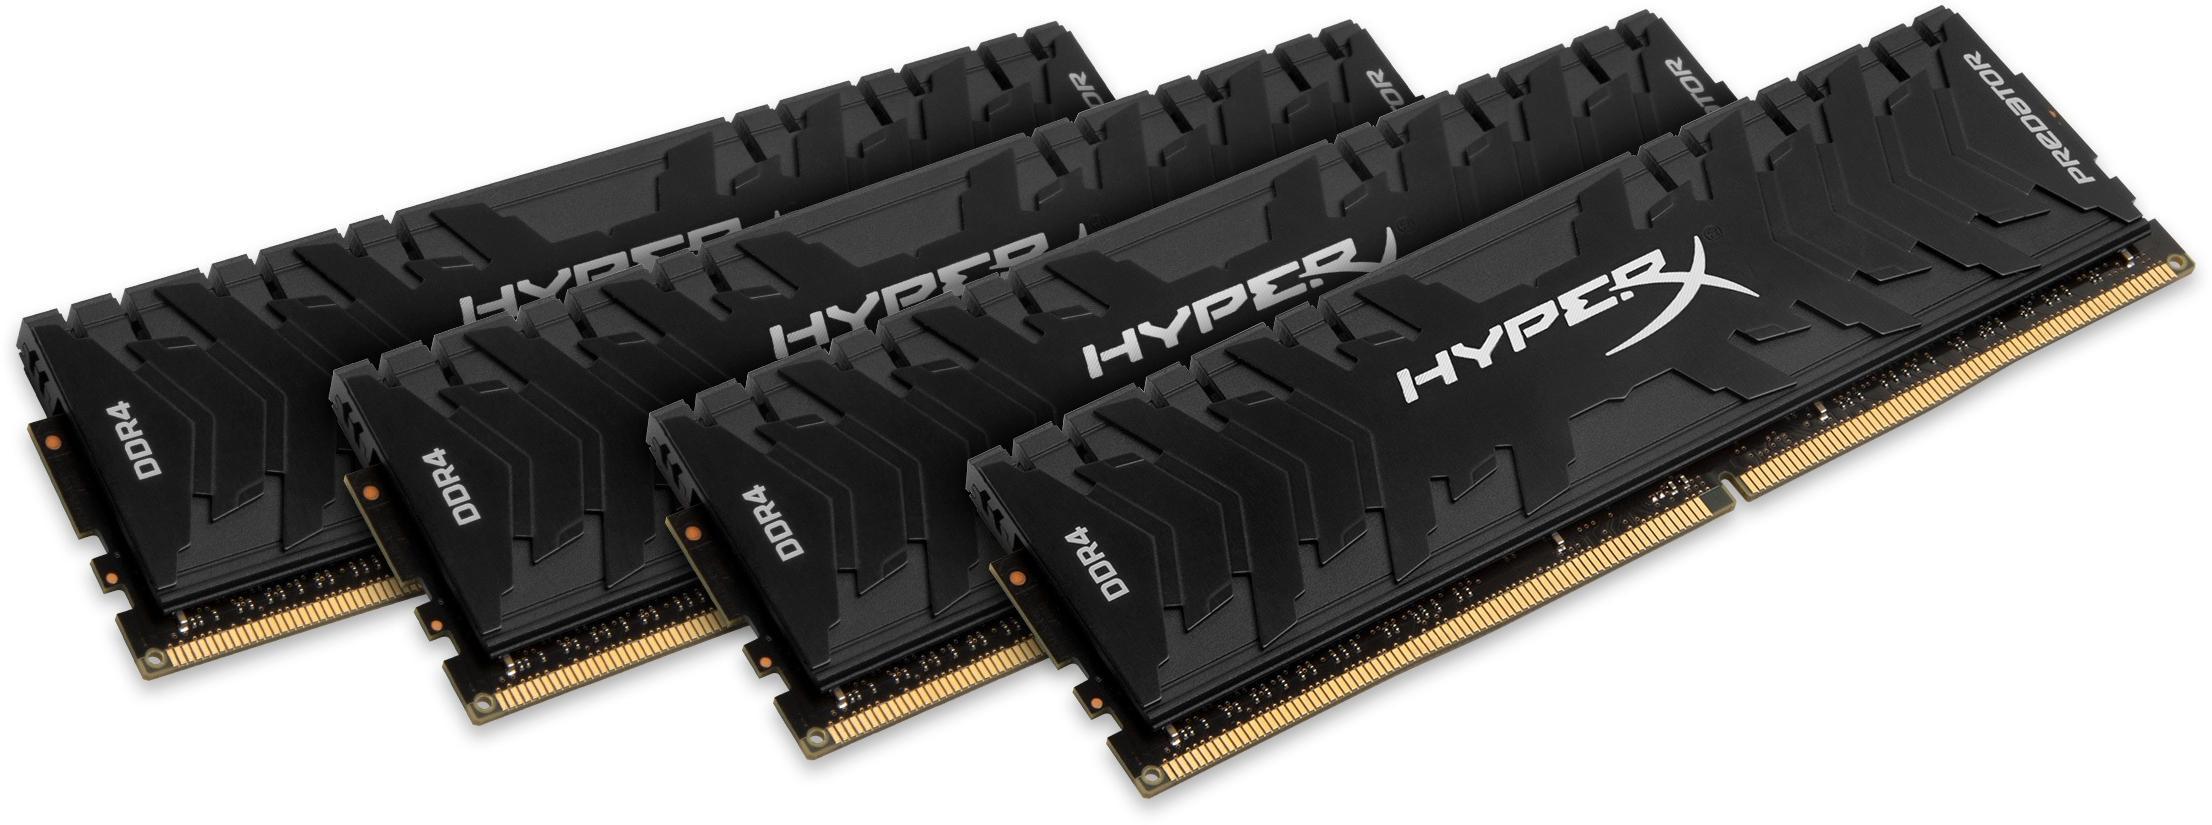 Оперативная память Kingston HX432C16PB3K4/64